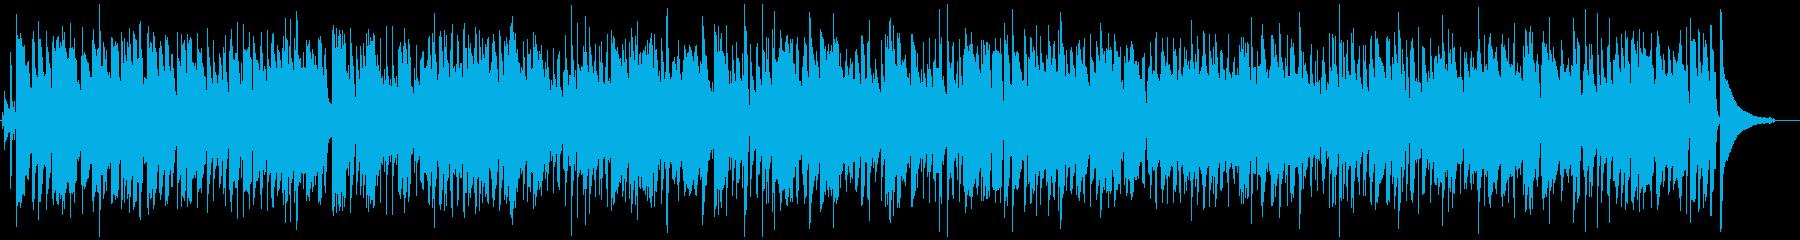 伝統的 ジャズ ビバップ ほのぼの...の再生済みの波形